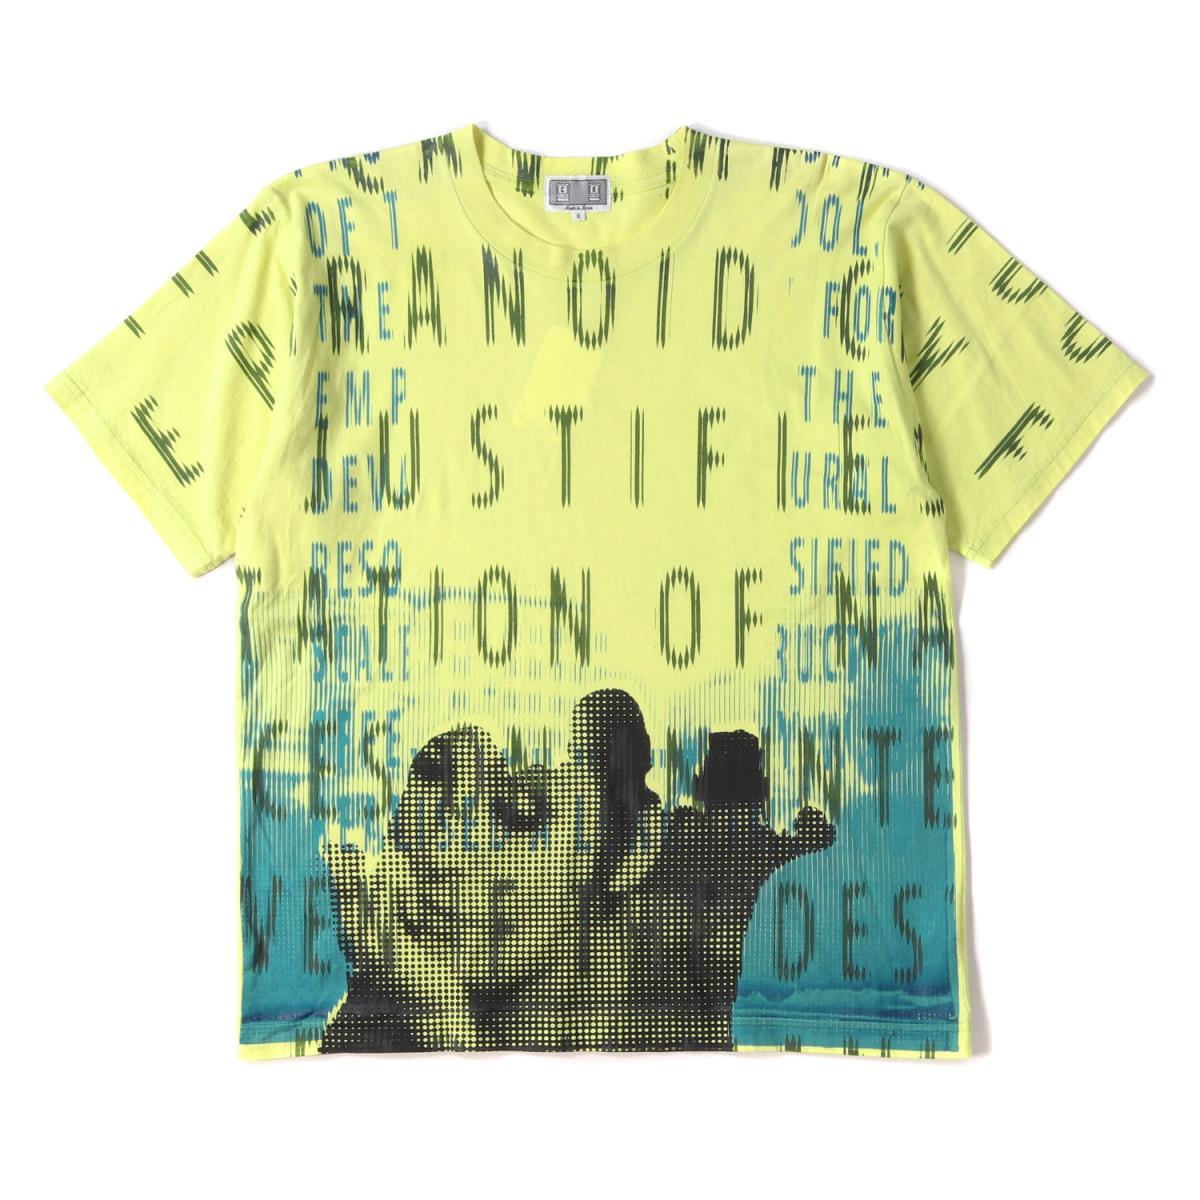 C.E (シーイー) グラフィックプリントTシャツ イエロー S 【メンズ】【中古】【K2356】【あす楽☆対応可】